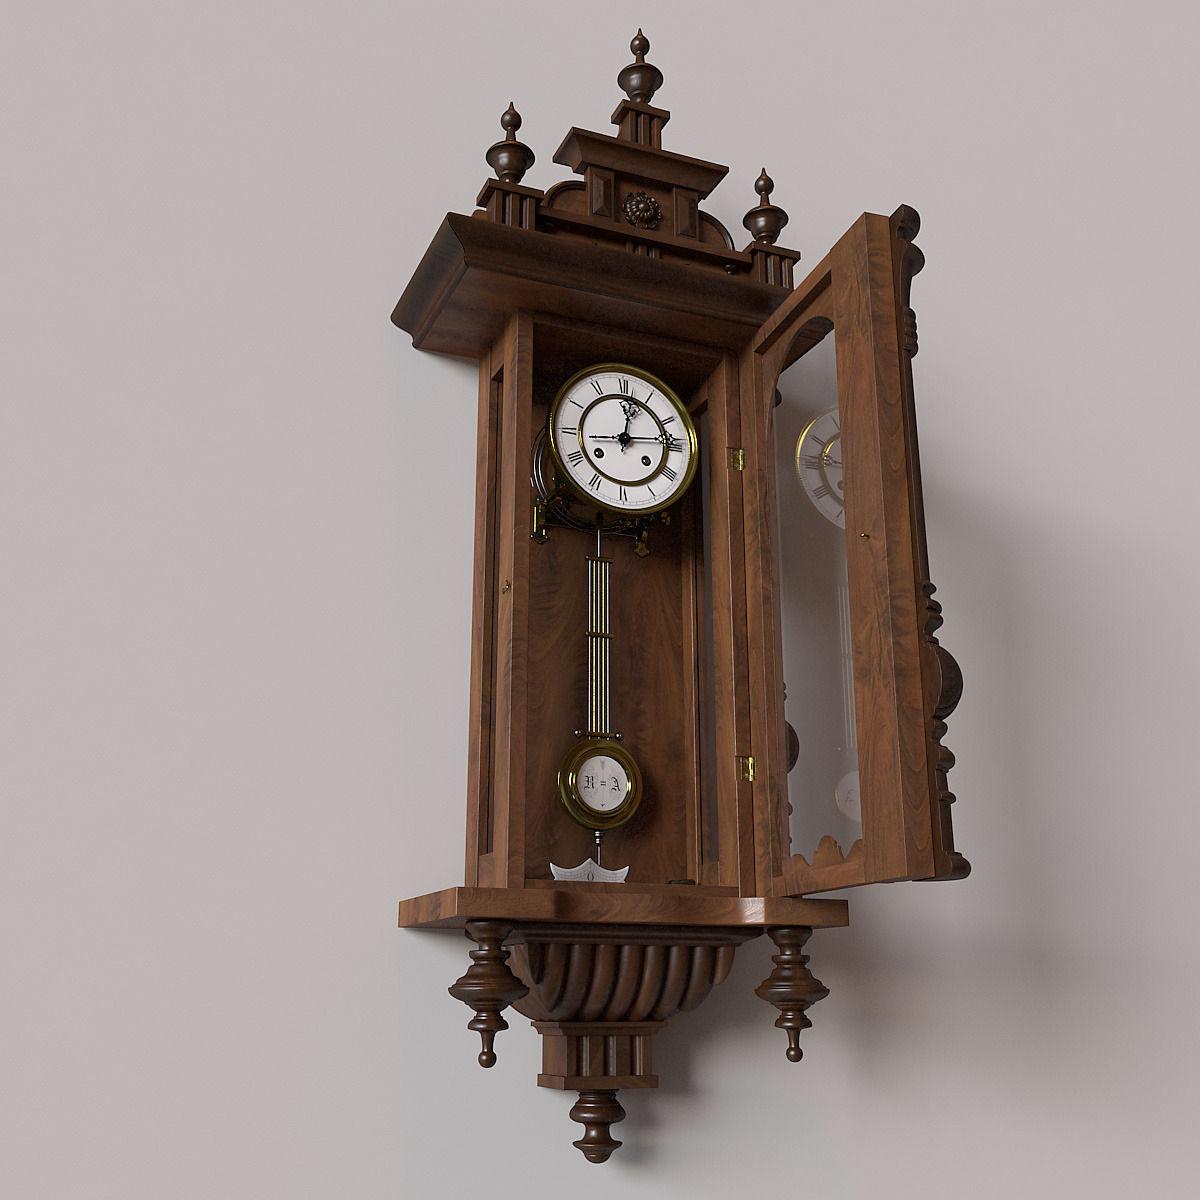 Antique Pendulum Wall Clock 3D Model .max .obj